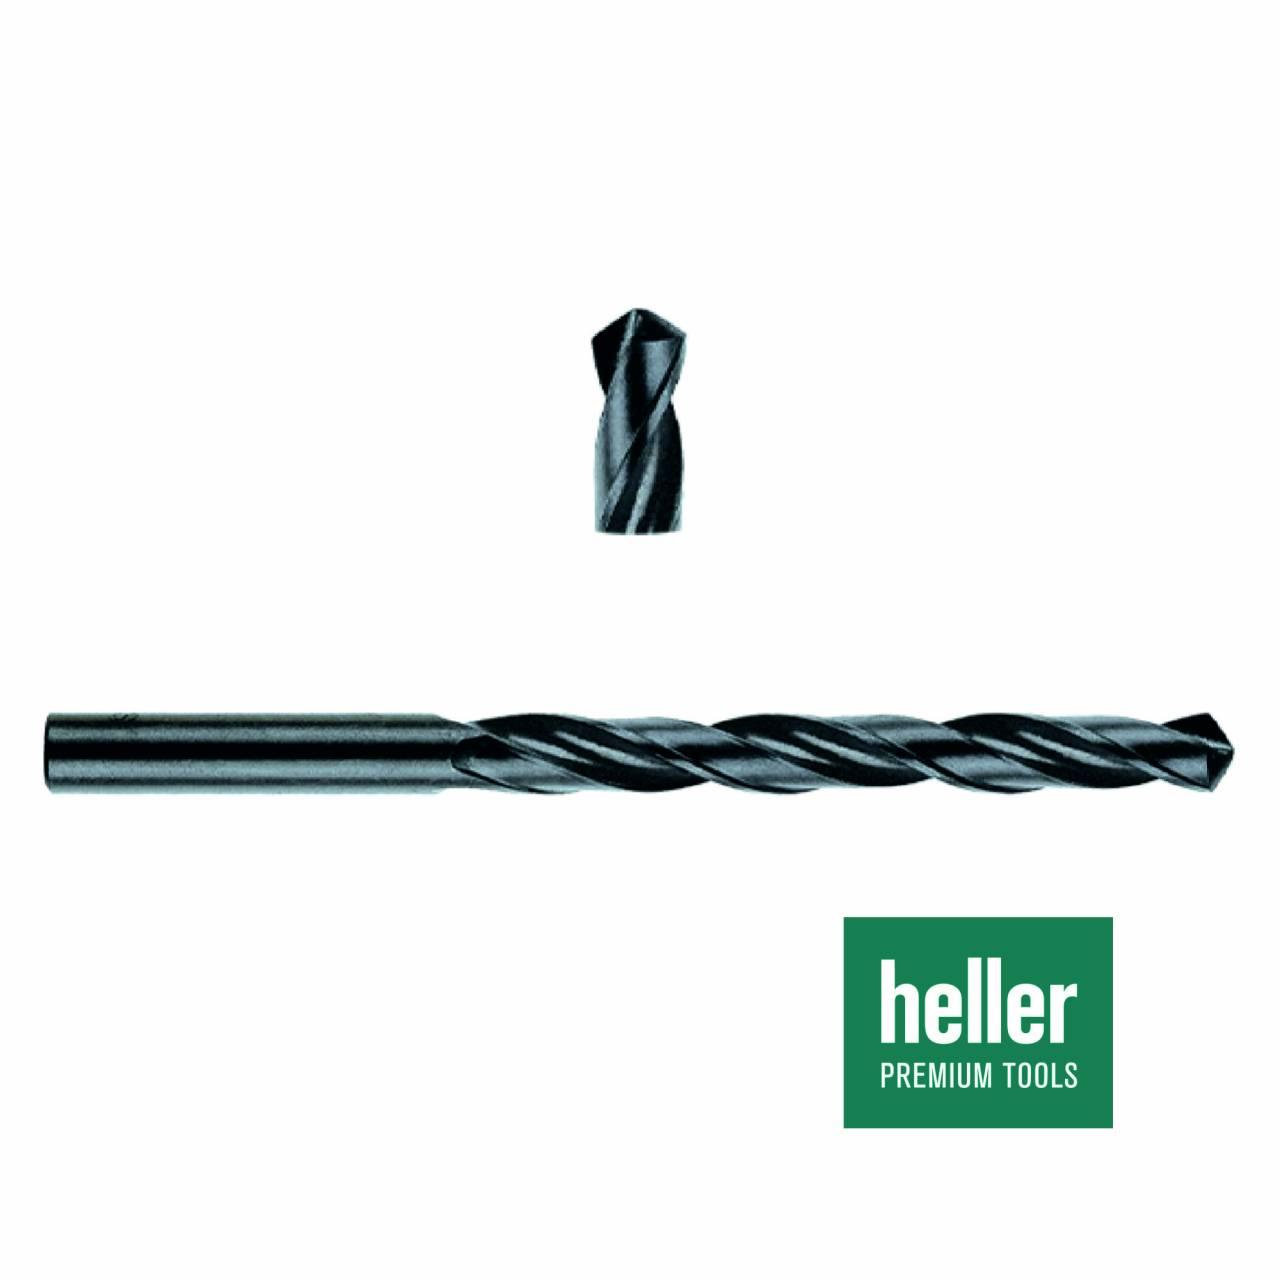 Stahlbohrer HSS-R 'Heller®' Ø 1 x 12 x 34 mm / Pck a 3 Stück